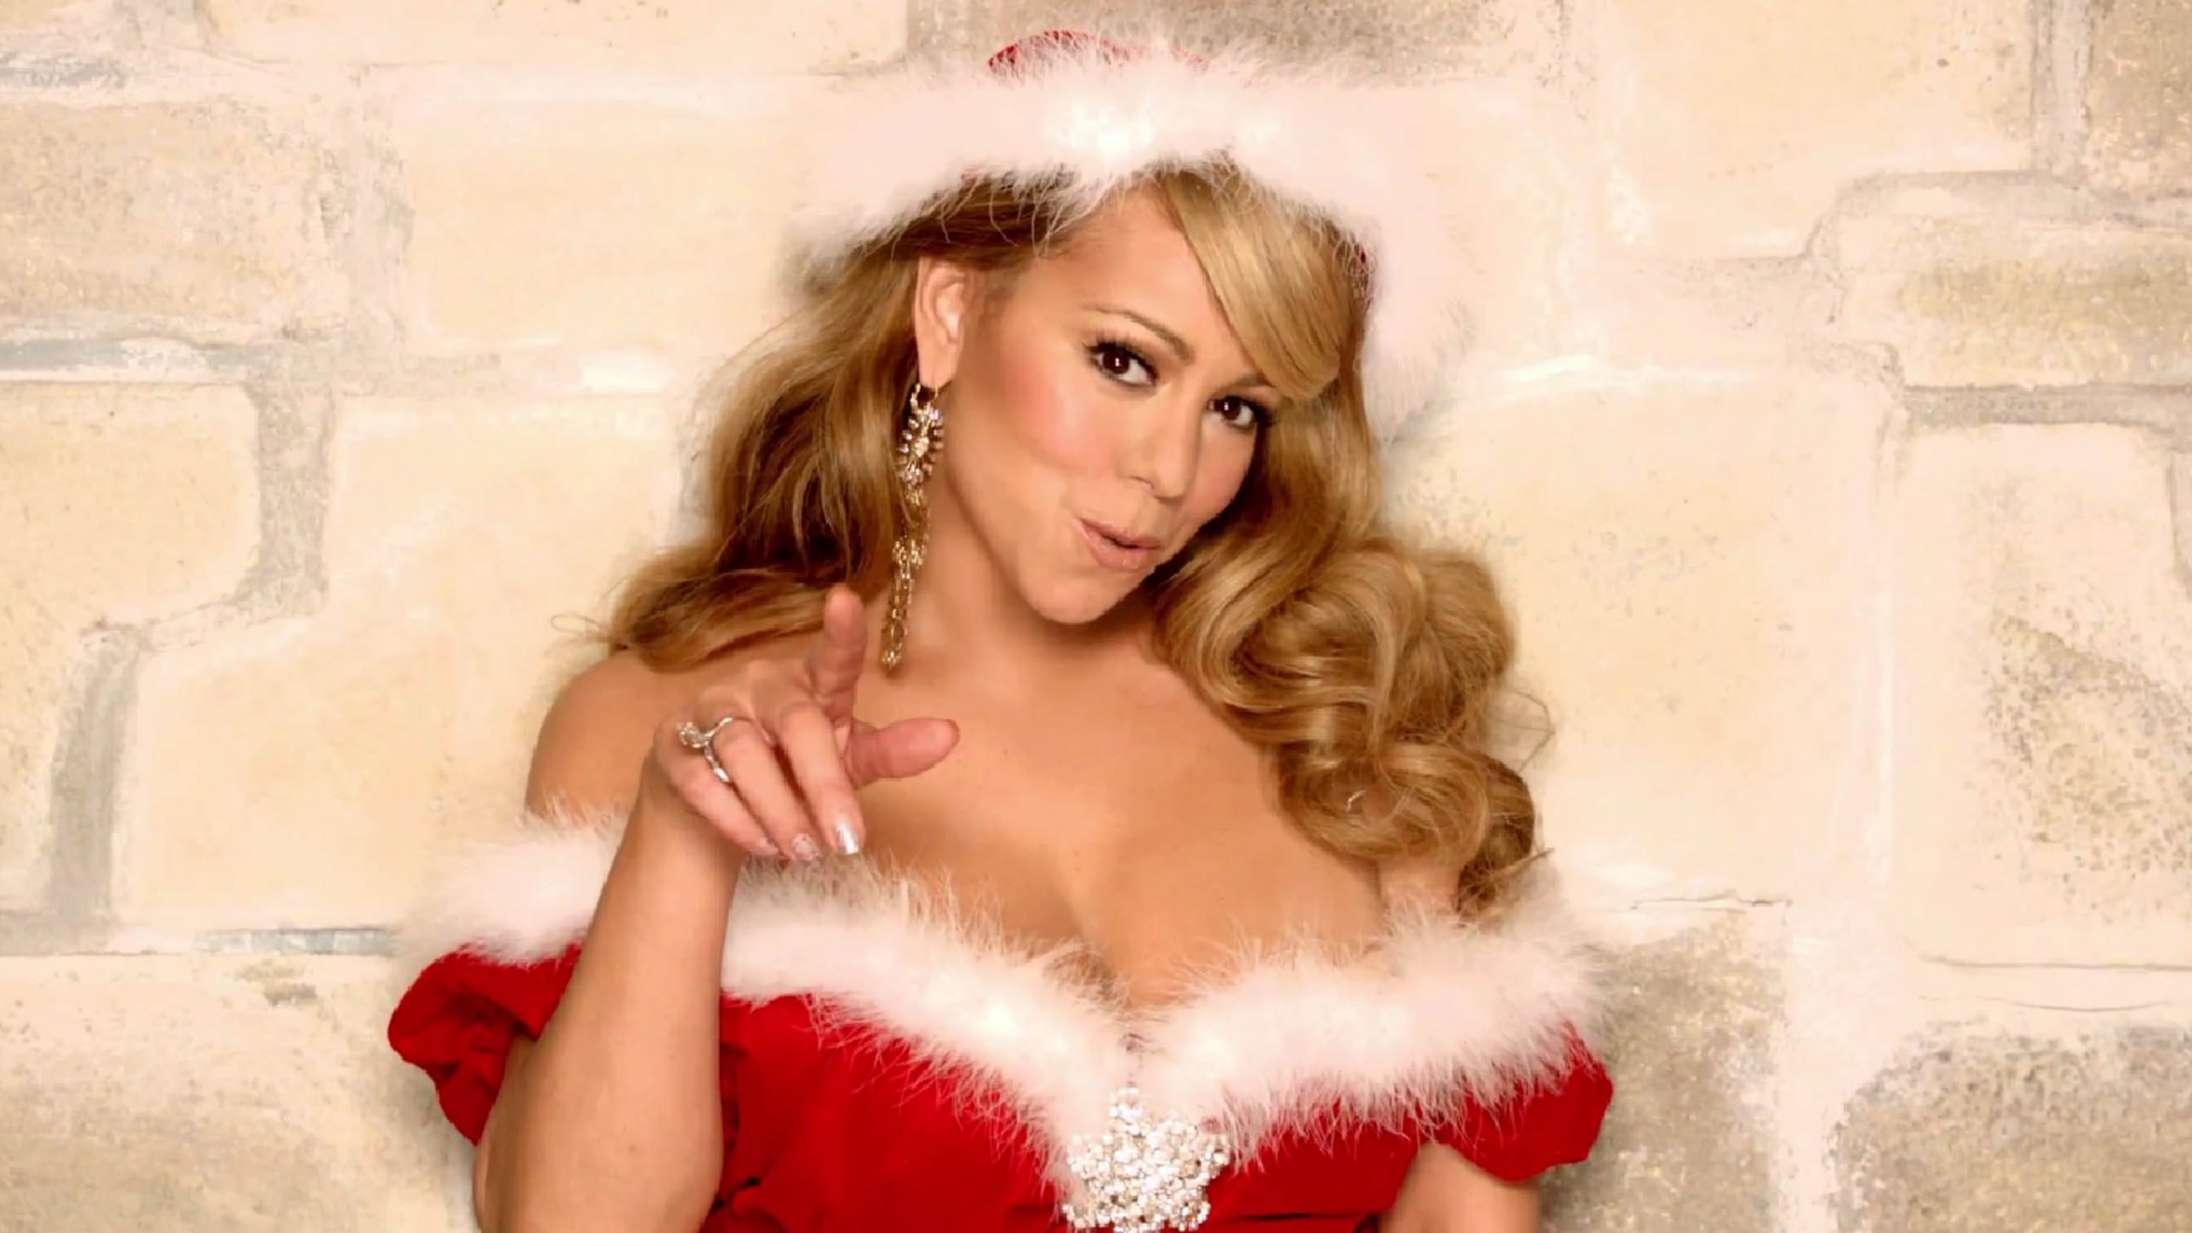 Det er den 23. november, og Spotify-hitlisten er nu officielt overtaget af julemusik